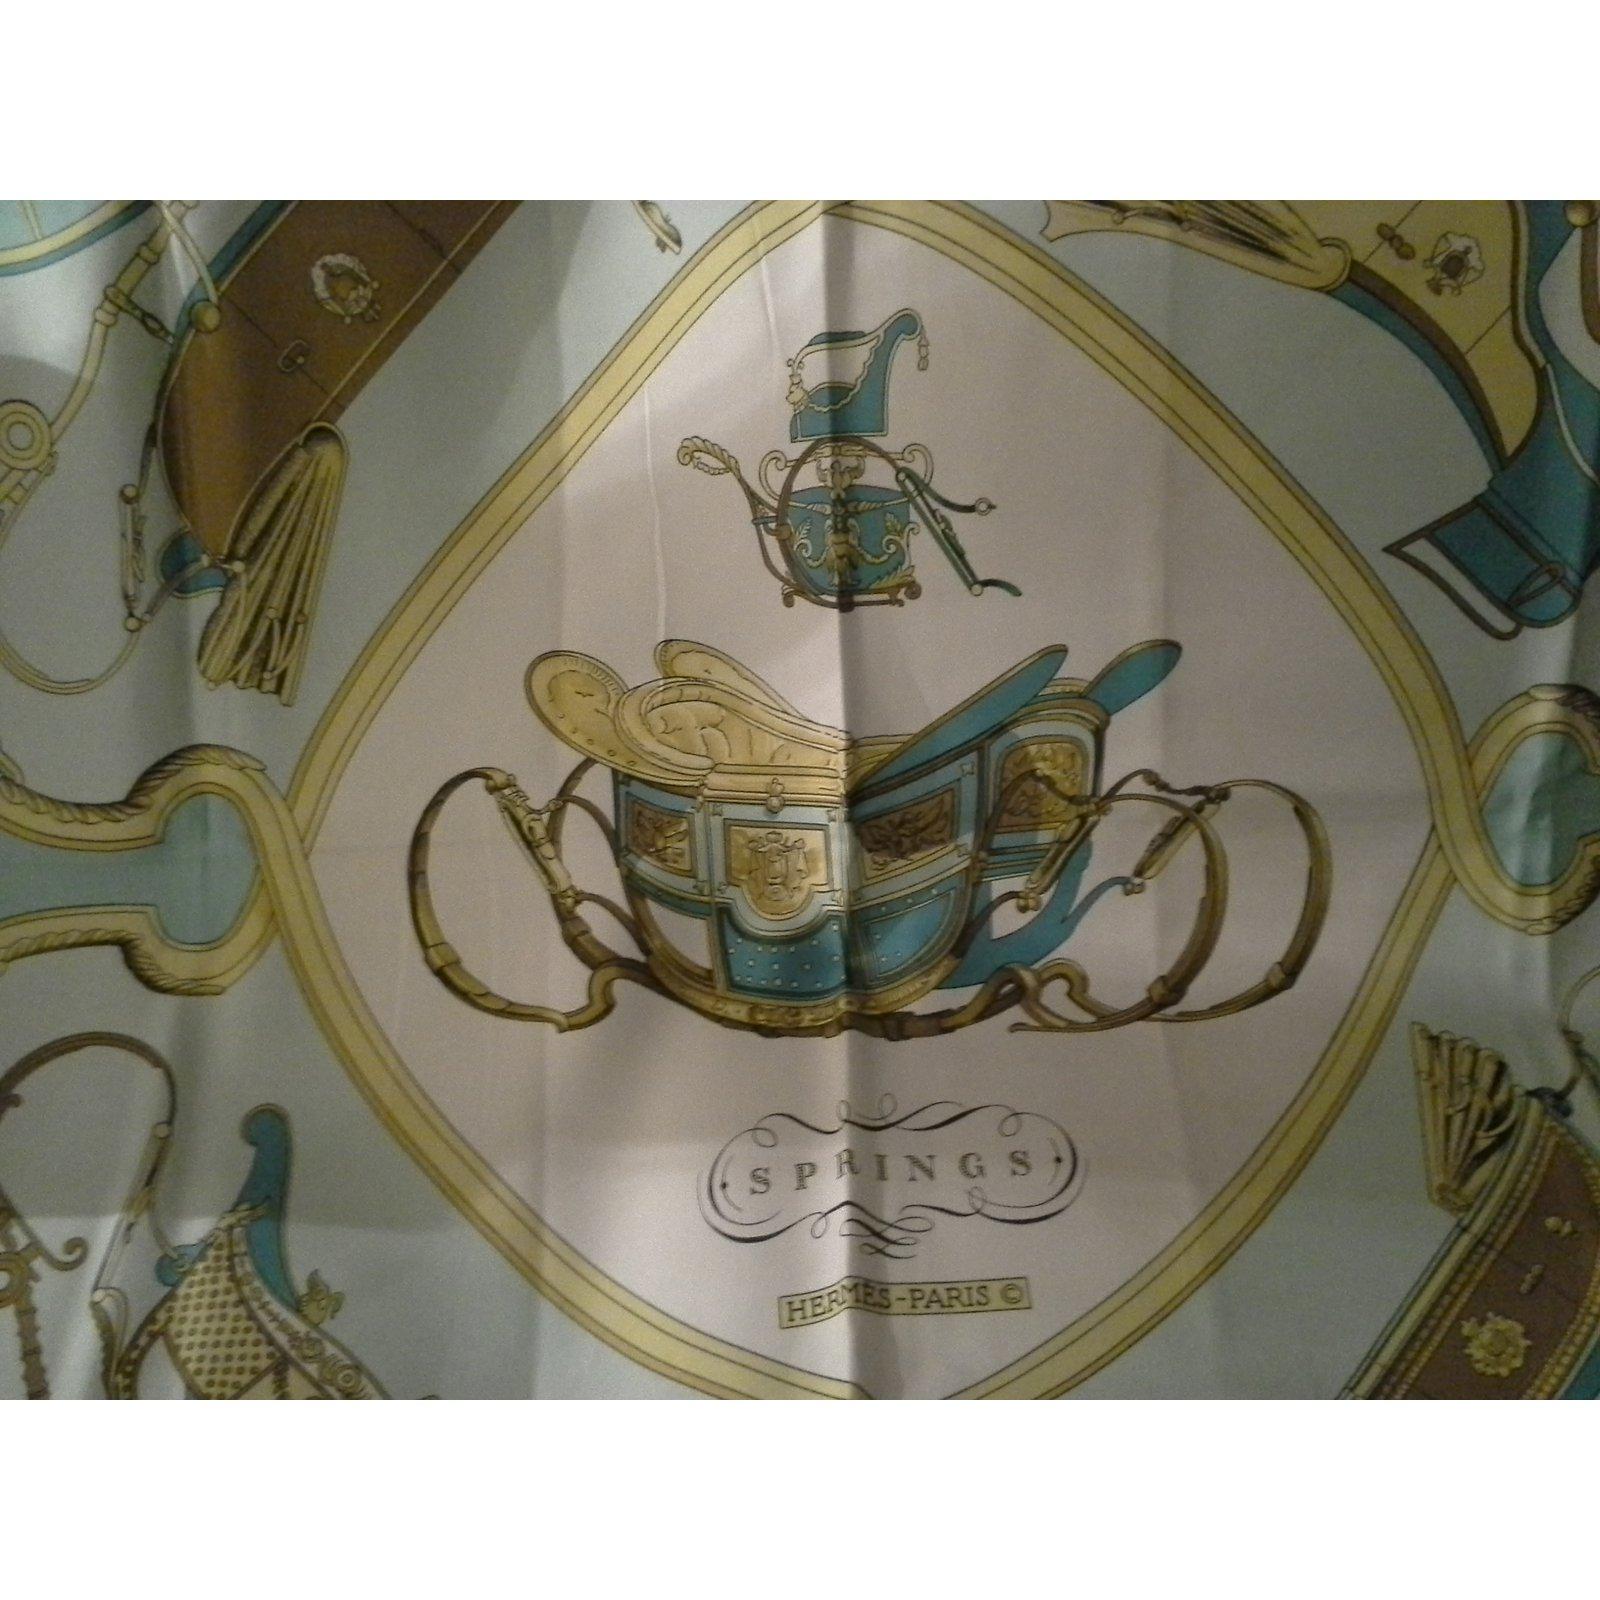 13ecea7a09 Carrés Hermès Magnifique carré en soie Hermès Paris, Springs, signé  Philippe Ledoux Soie Bleu ref.54667 - Joli Closet